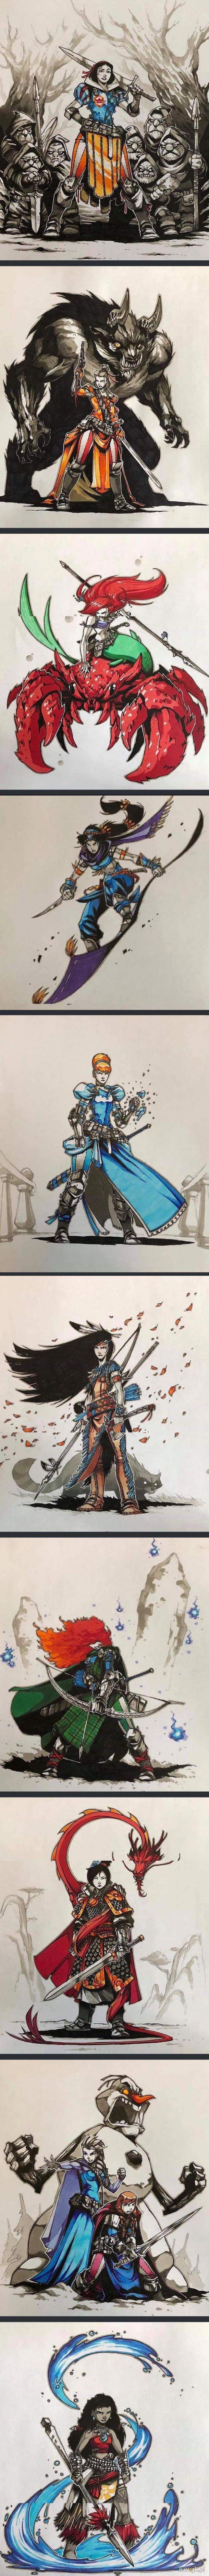 Bojowe księżniczki Disneya